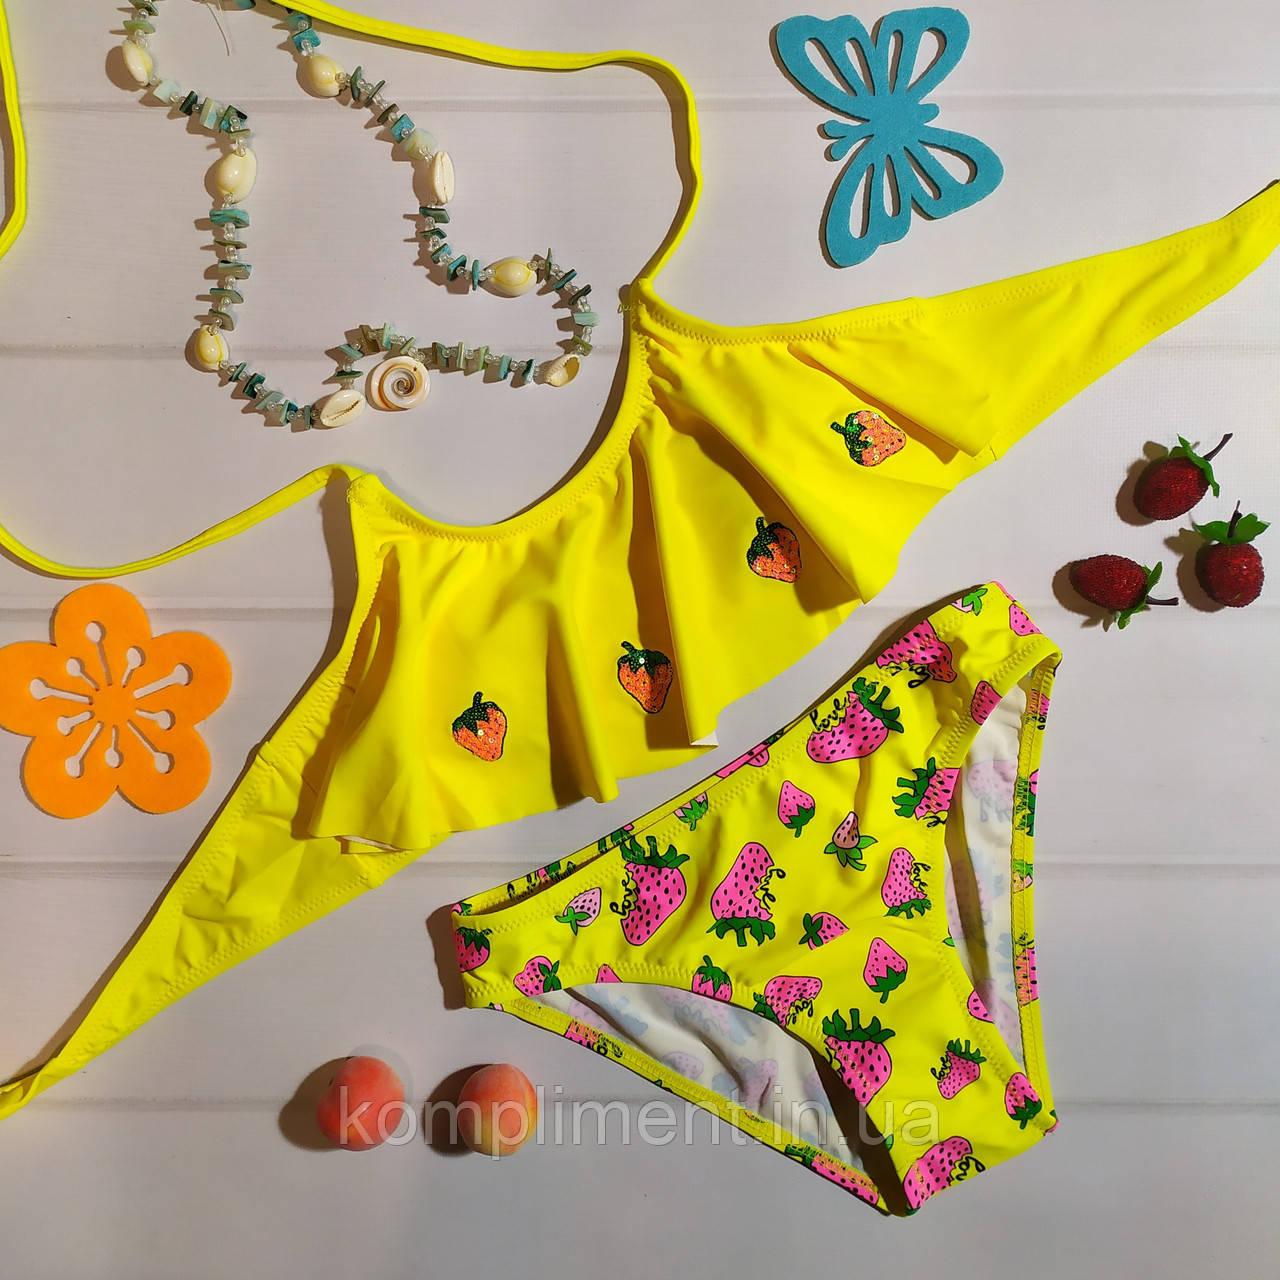 Роздільний купальник дитячий для дівчинки підлітка з малюнком полуниця, жовтий